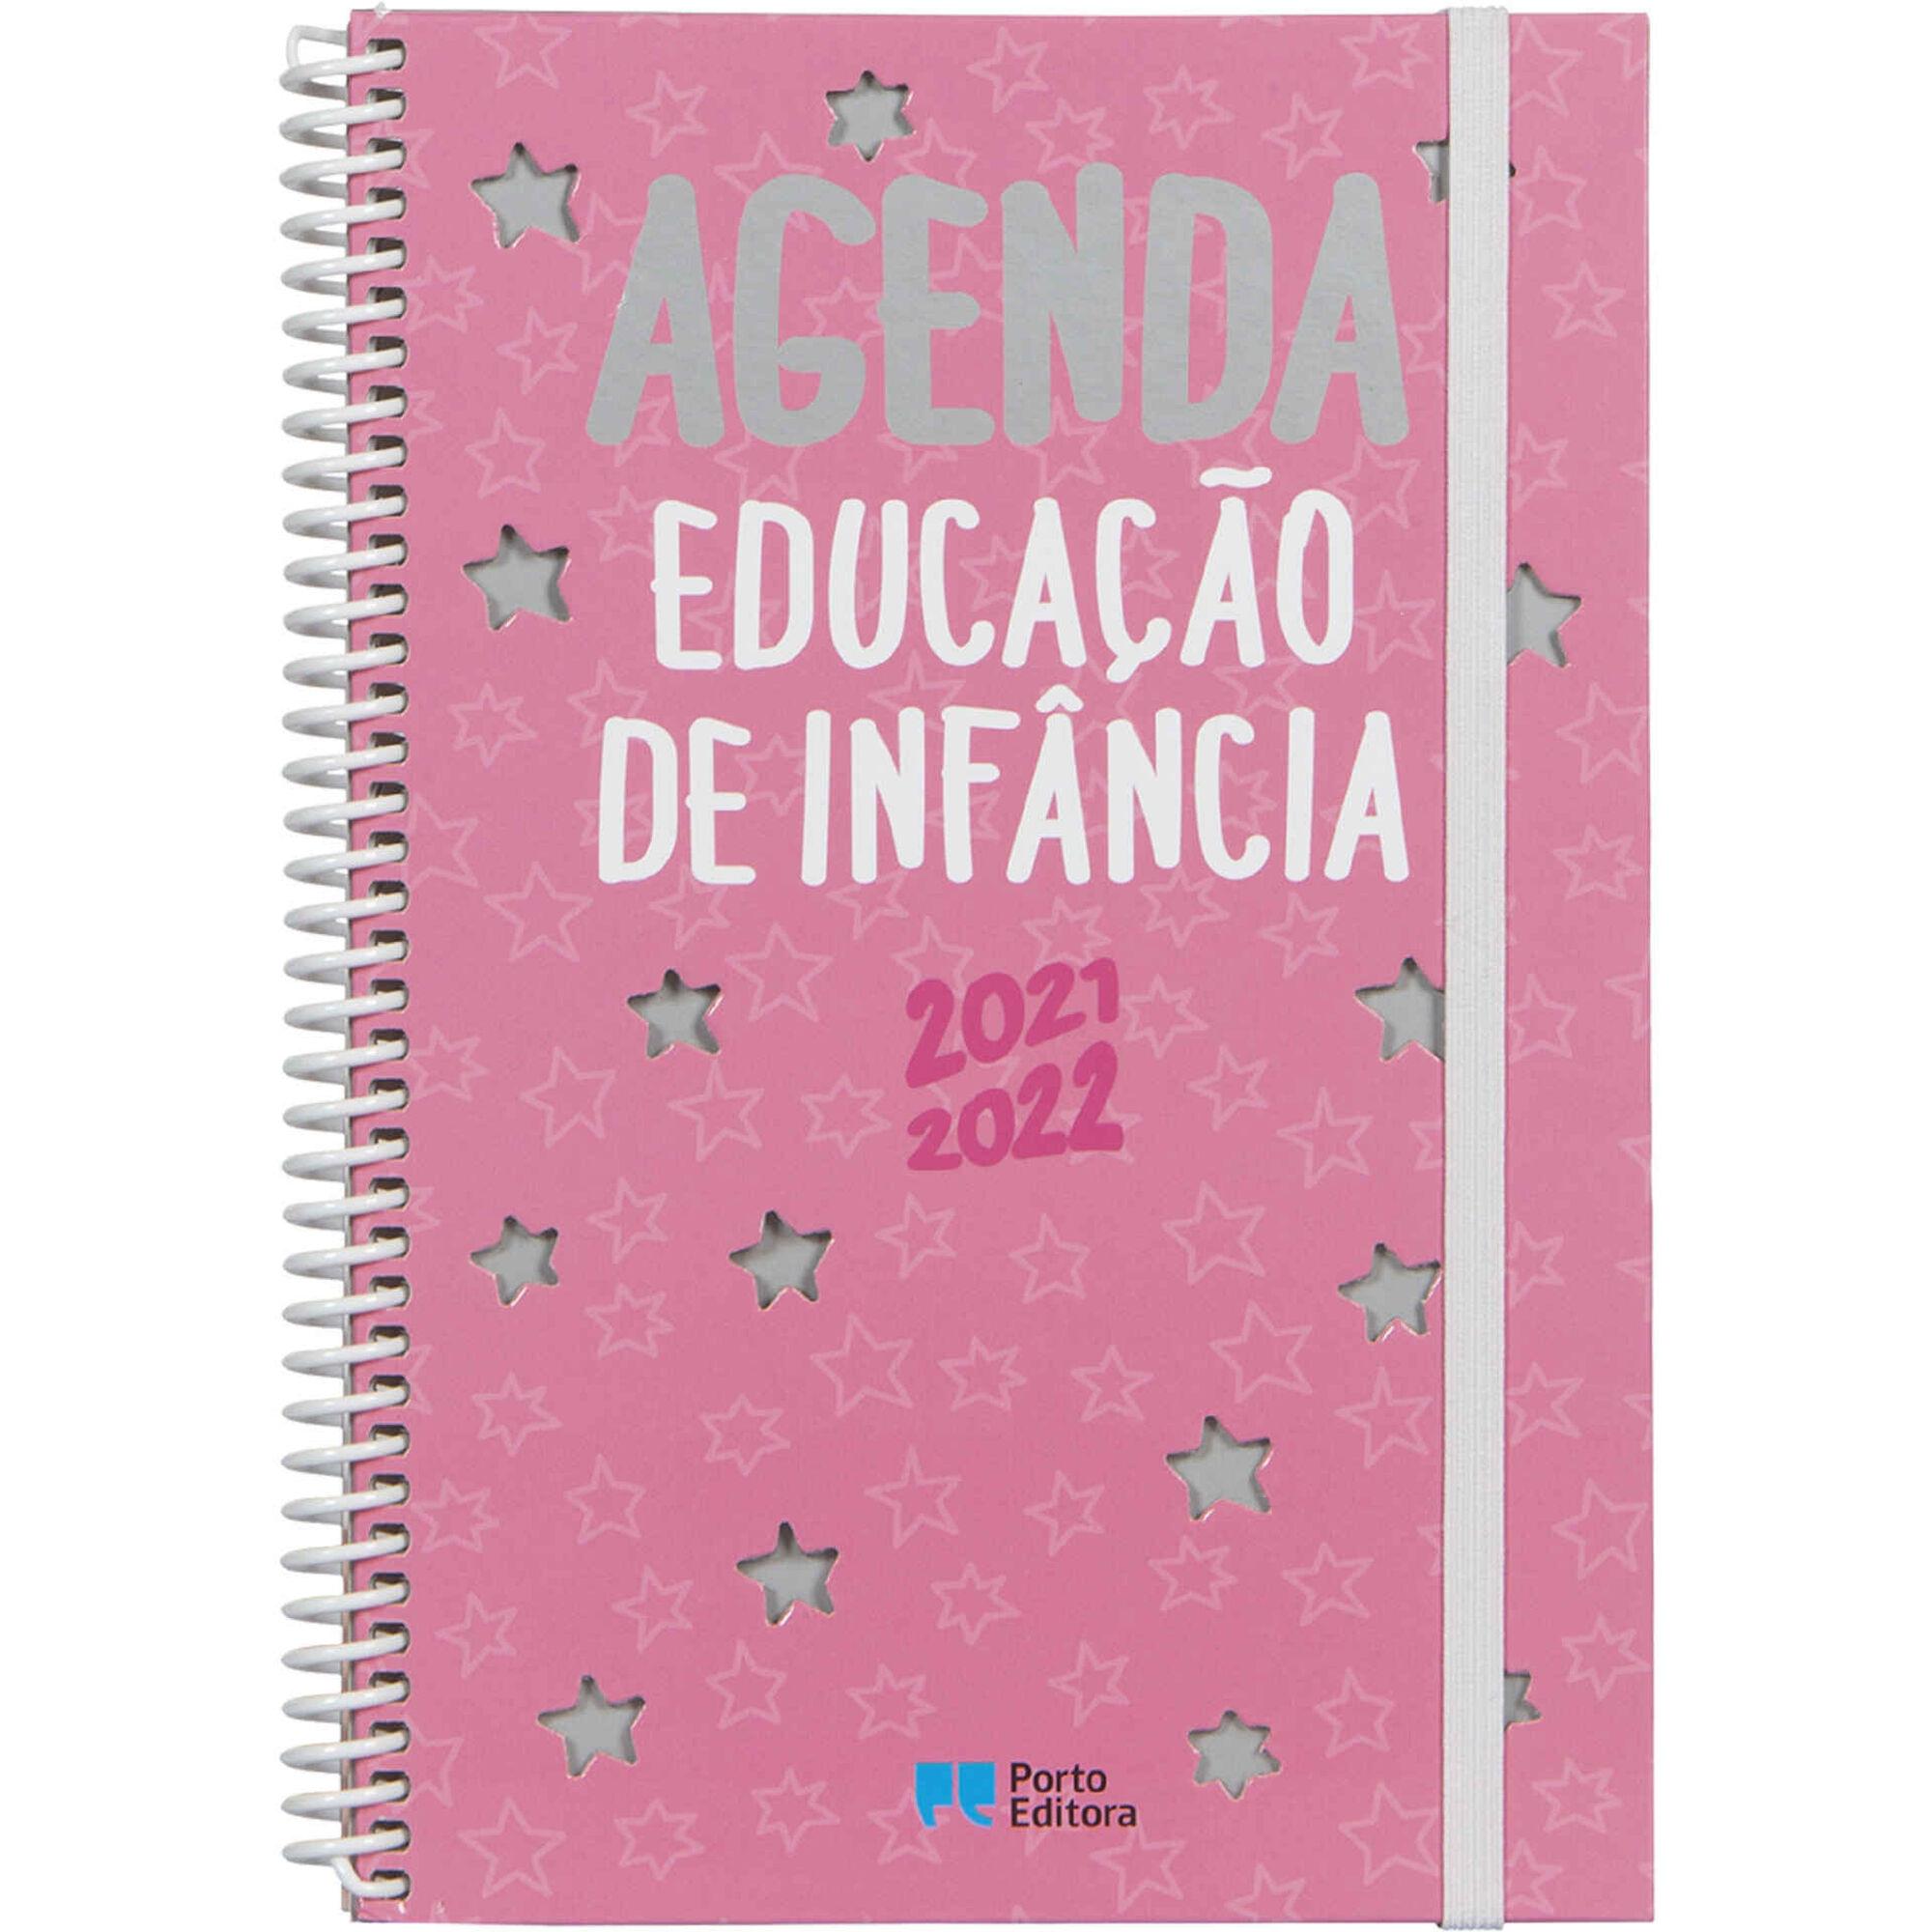 Agenda Educação de Infância 2021-2022